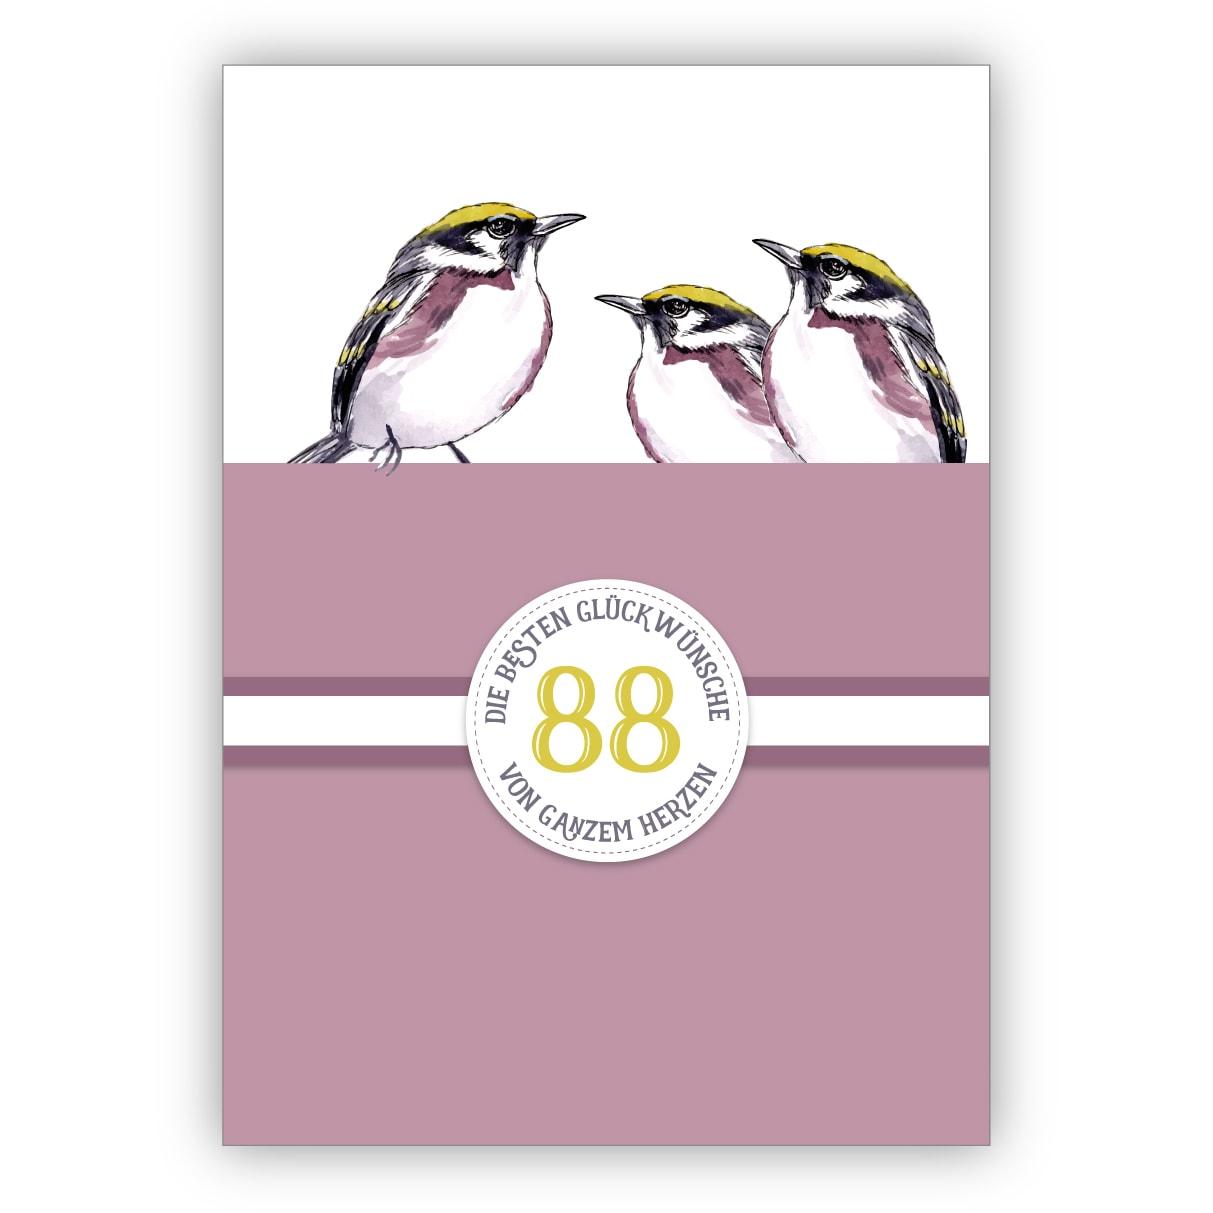 27 Schone Geburtstagskarten Vorlagen Zum Gestalten Drucken